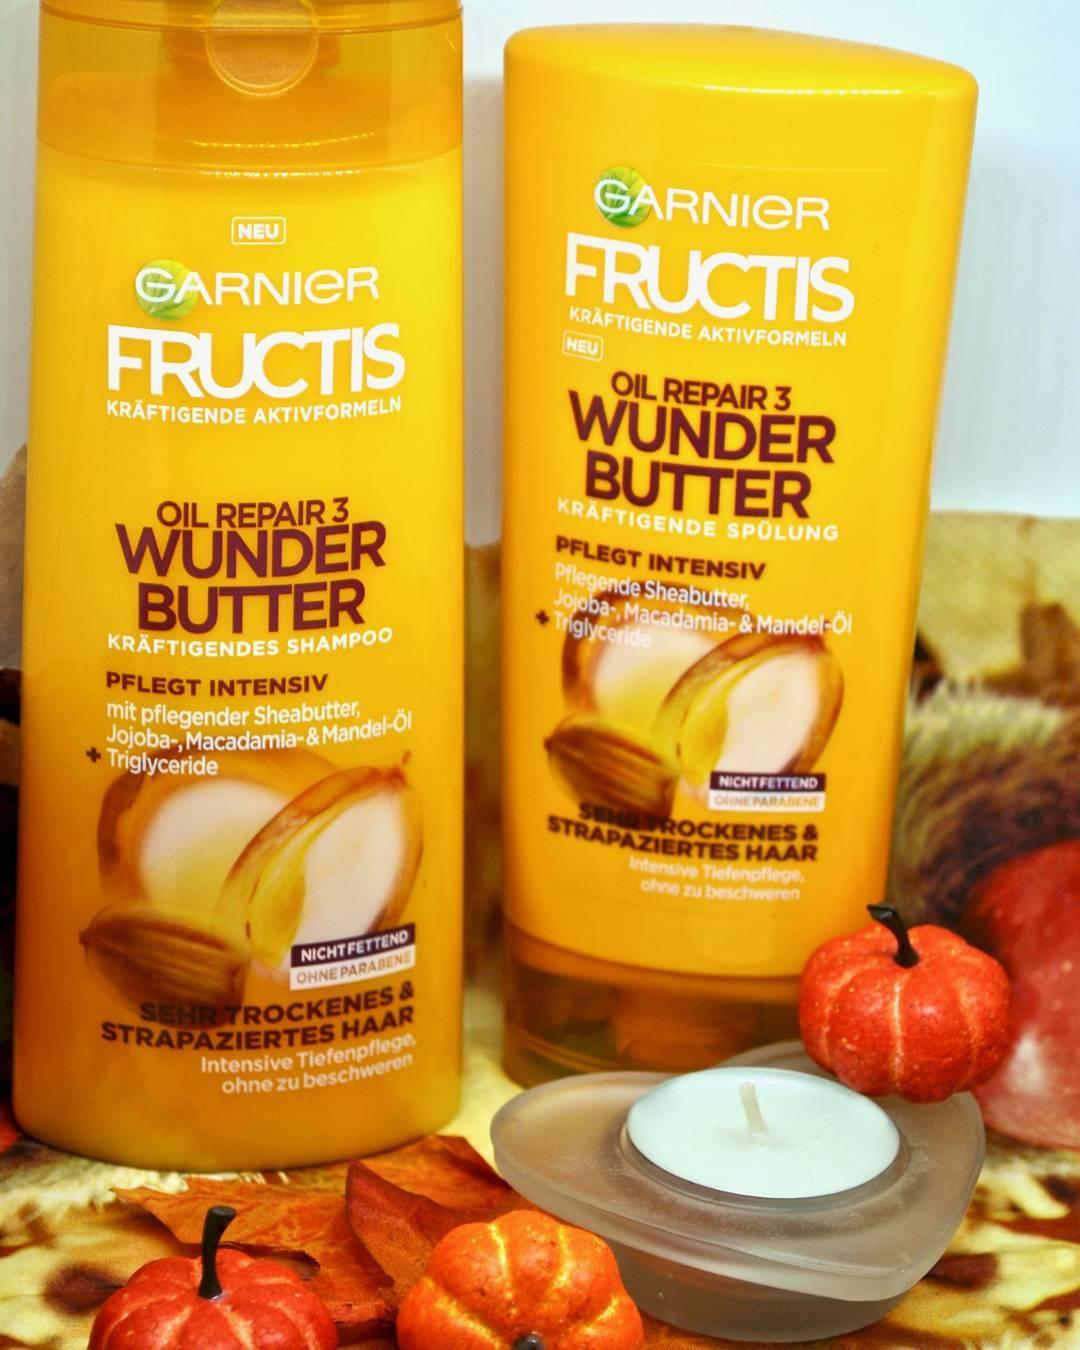 Cặp gội xả Garnier fructis hương bơ hạt mỡ dành cho tóc rất khô và hư tổn